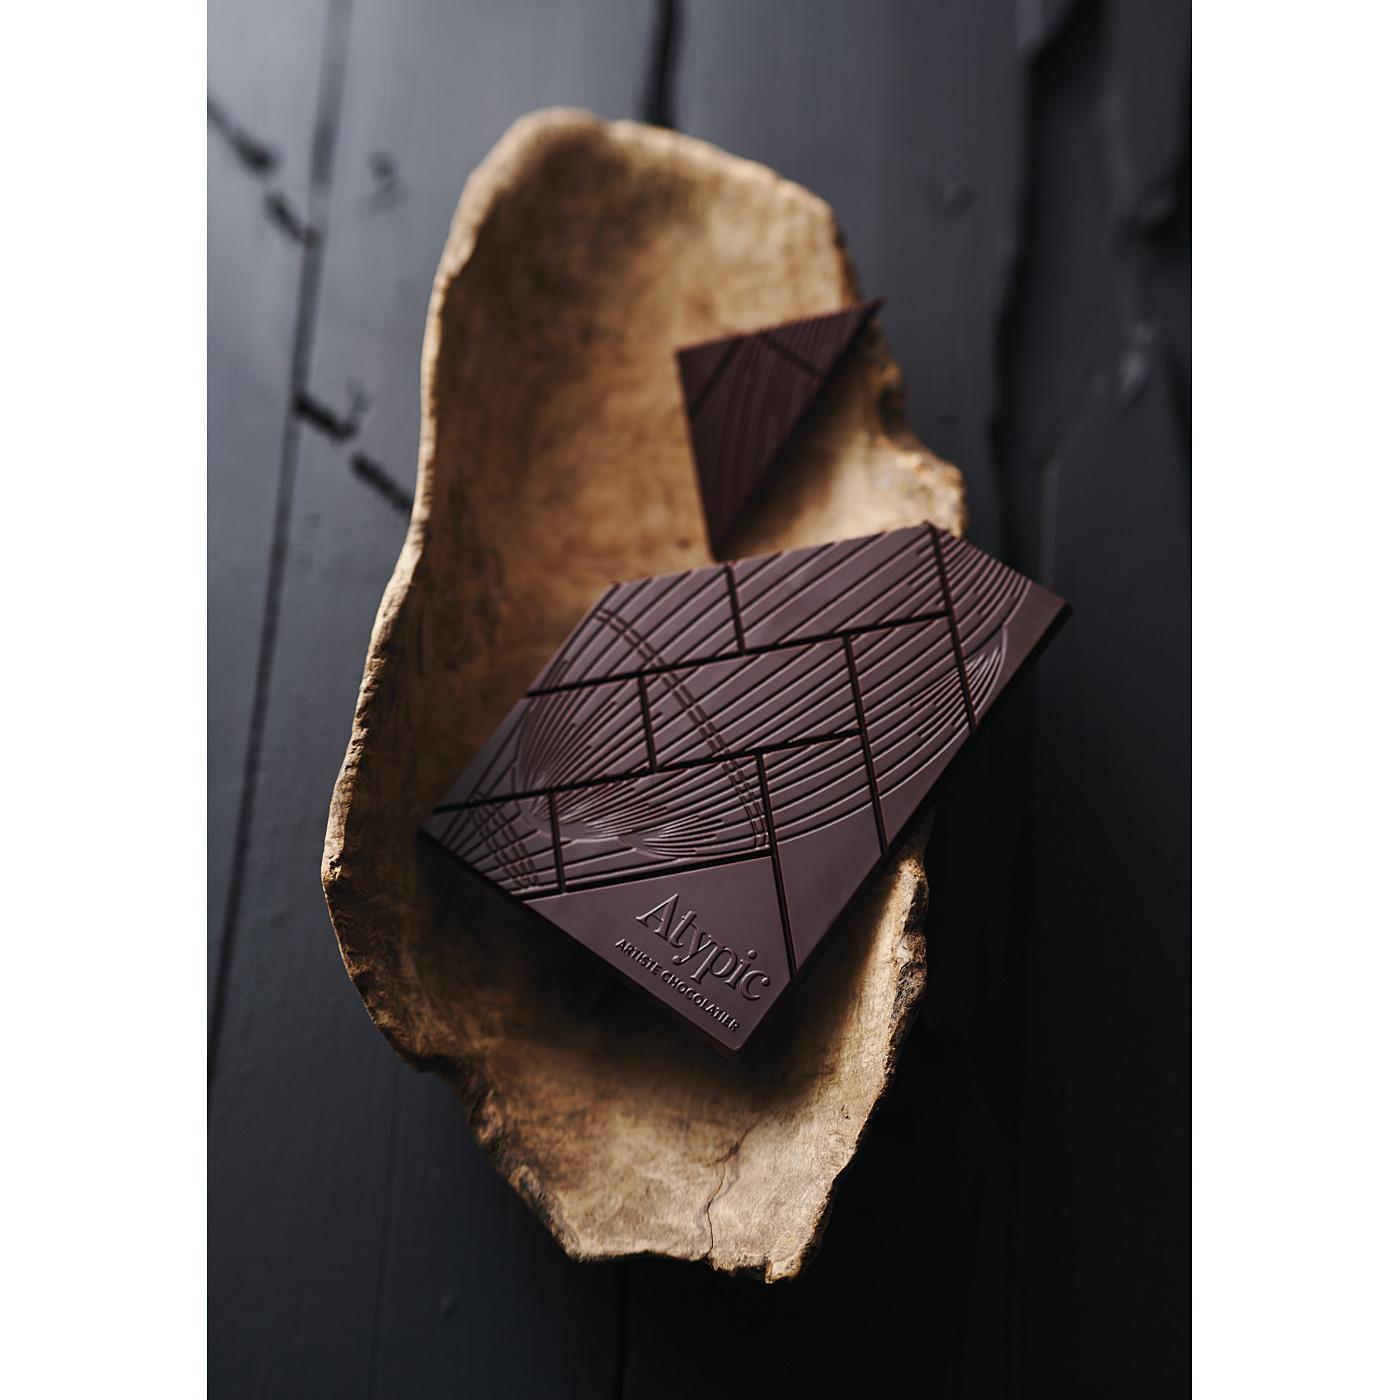 【ホワイトデイお届け】アティピックチョコレート ソロモンカカオタブレット